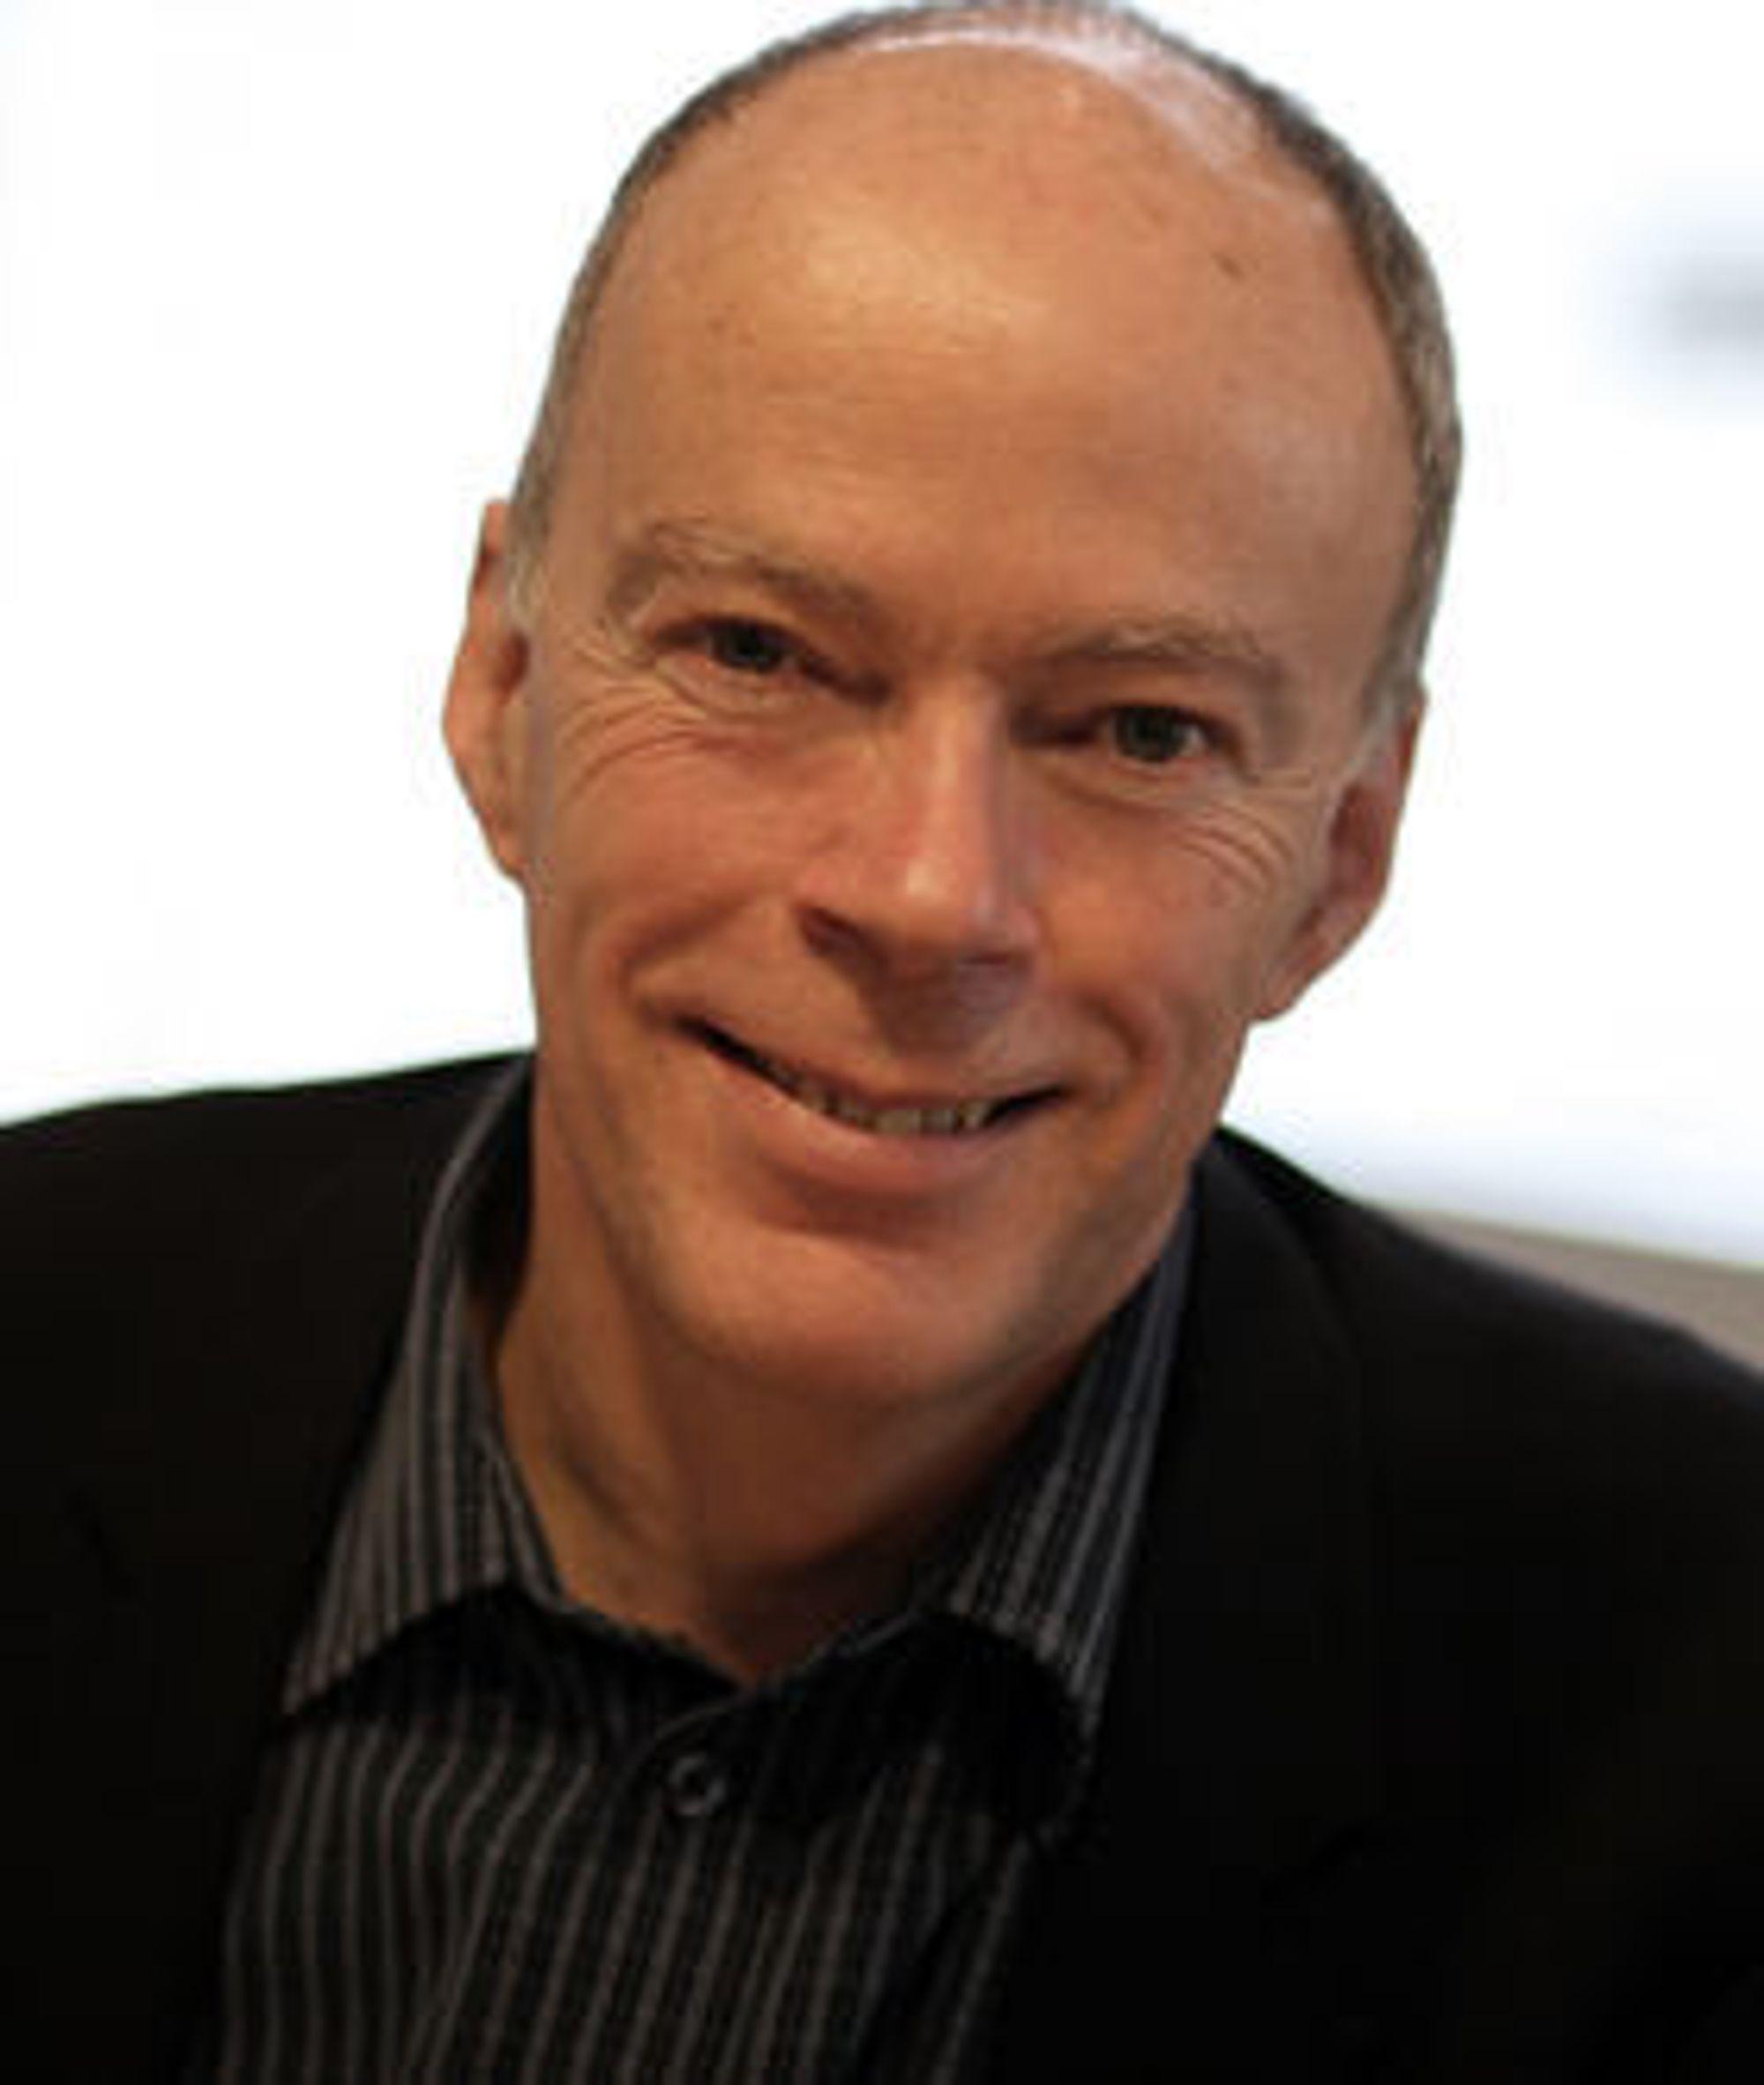 NETTSKYEN kan låse fast kundene i større grad enn proprietær programvare, advarer Alfresco-sjef John Powell.